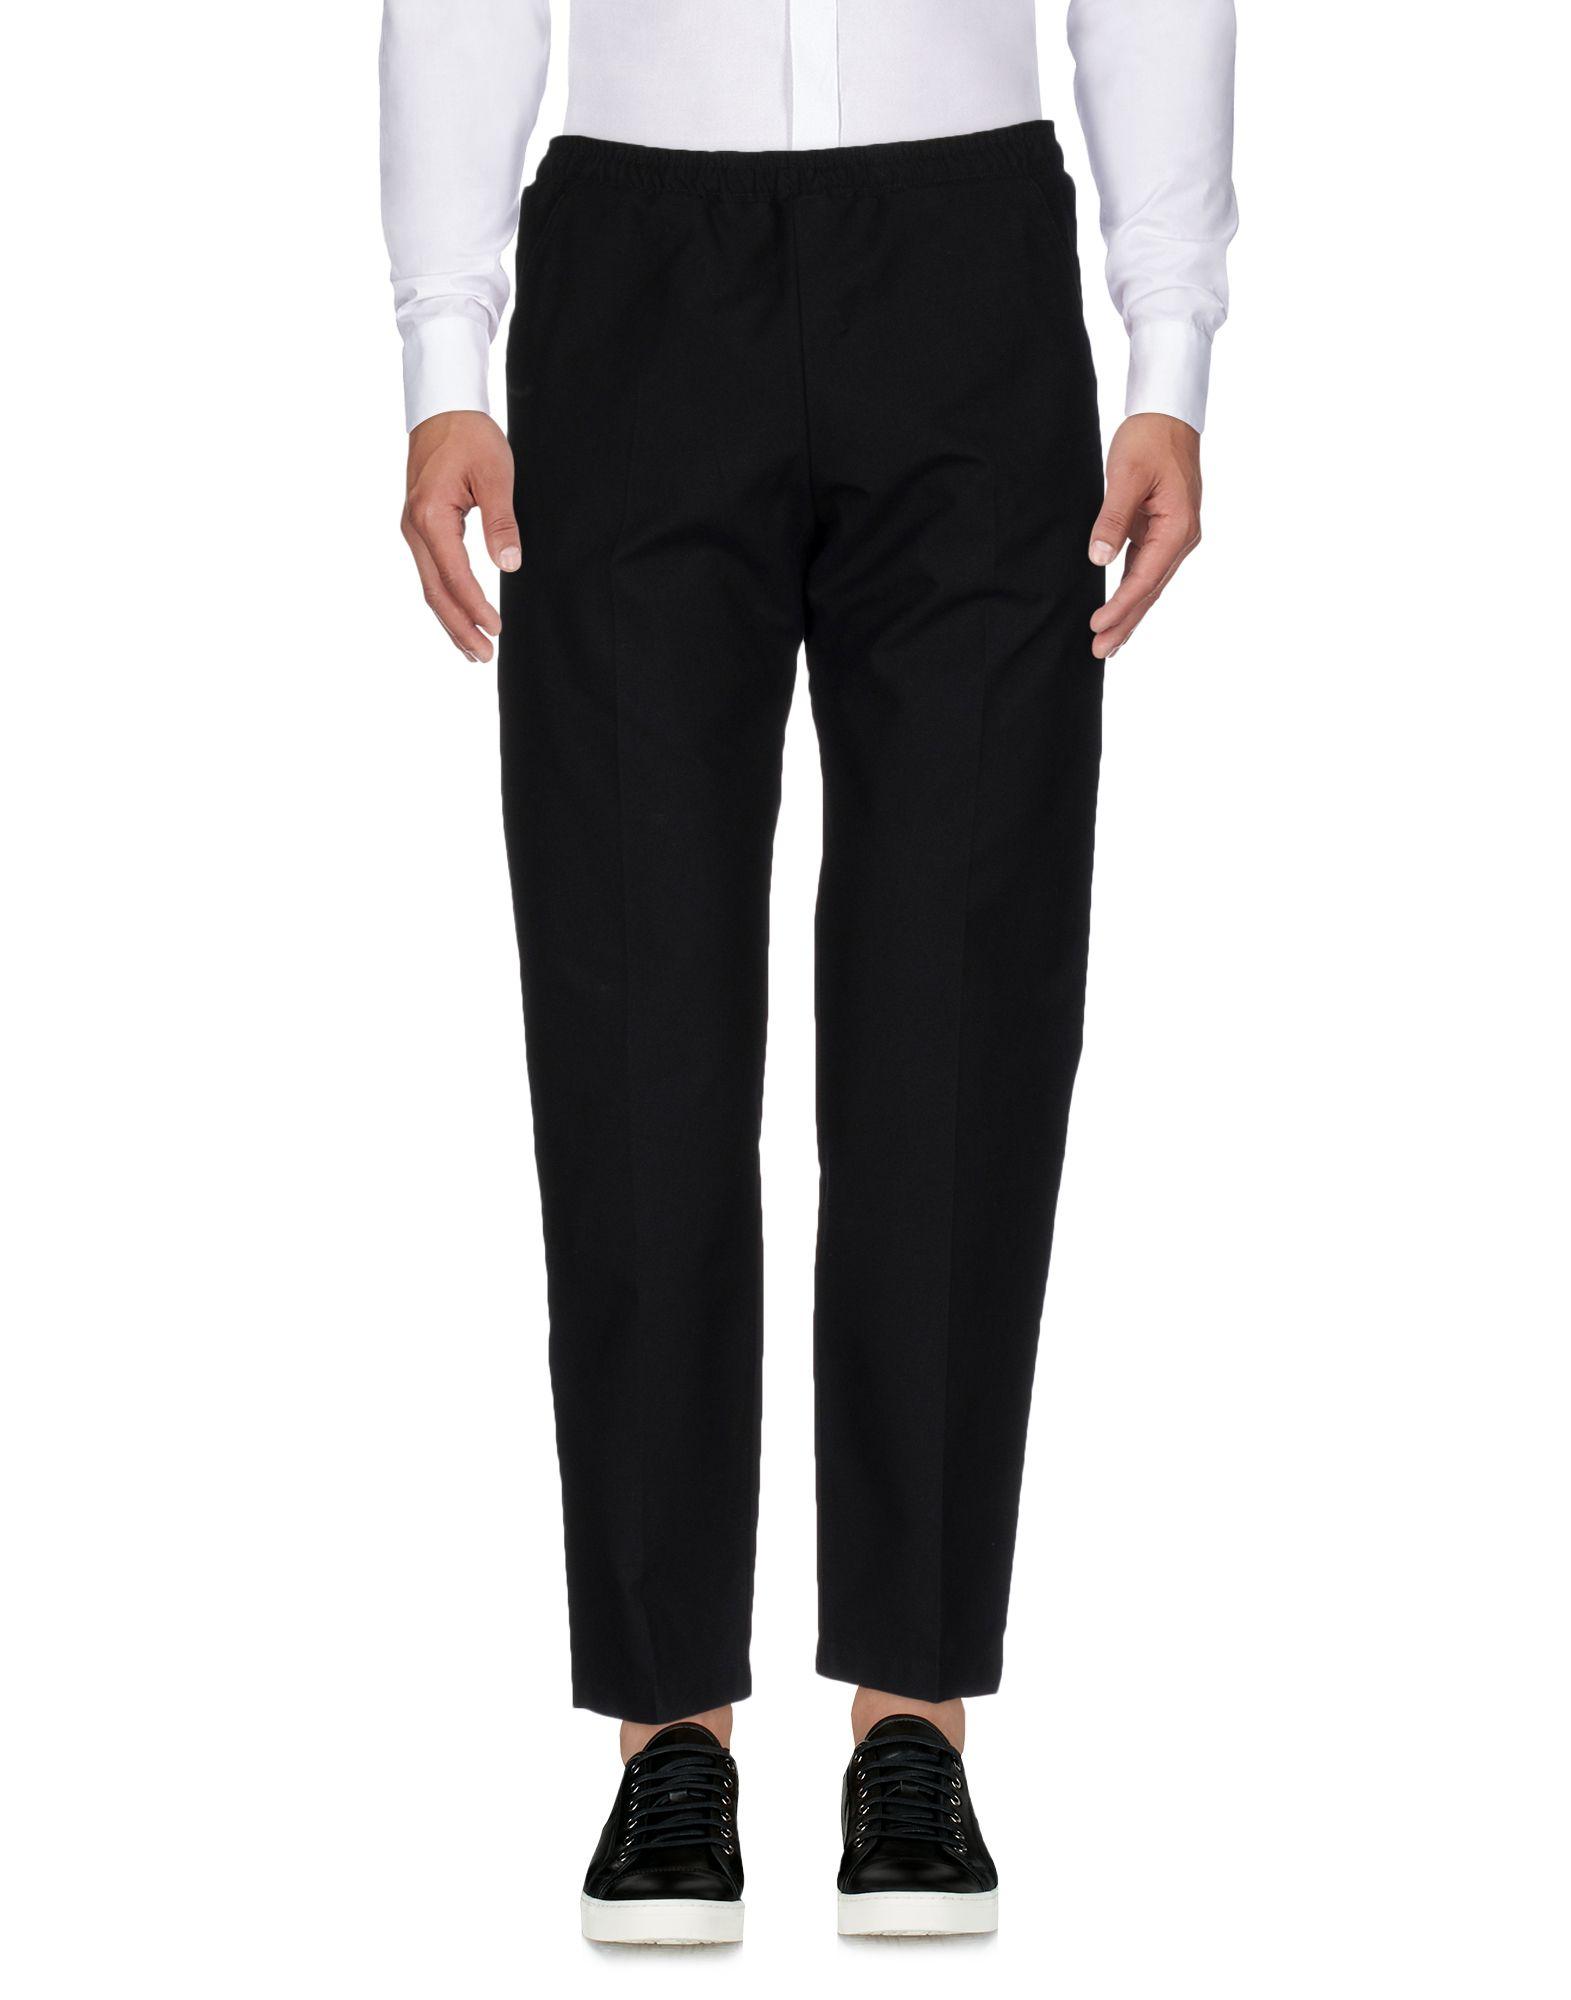 Pantalone Camo Donna - Acquista online su